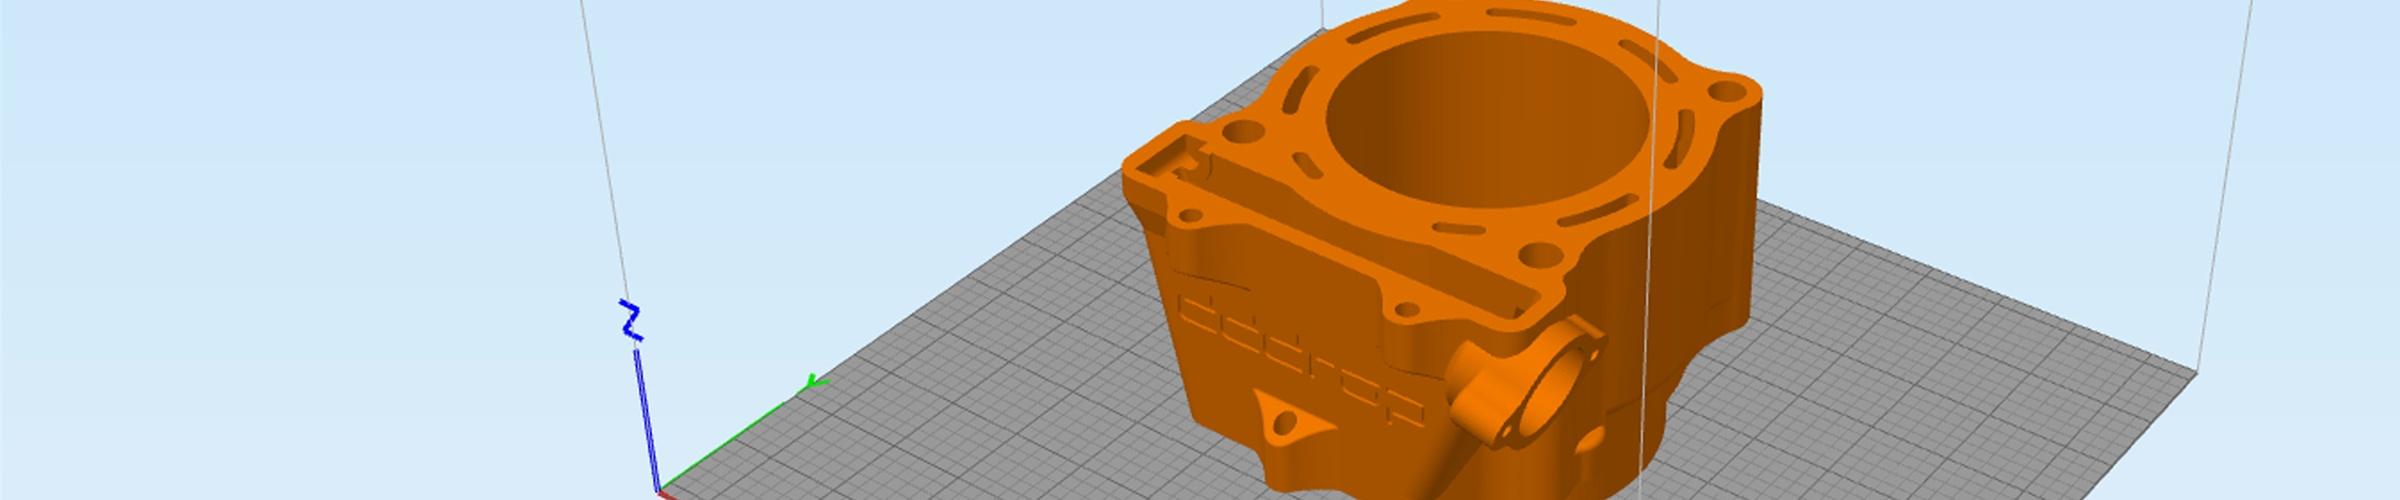 Banner Print uw model V2.jpg